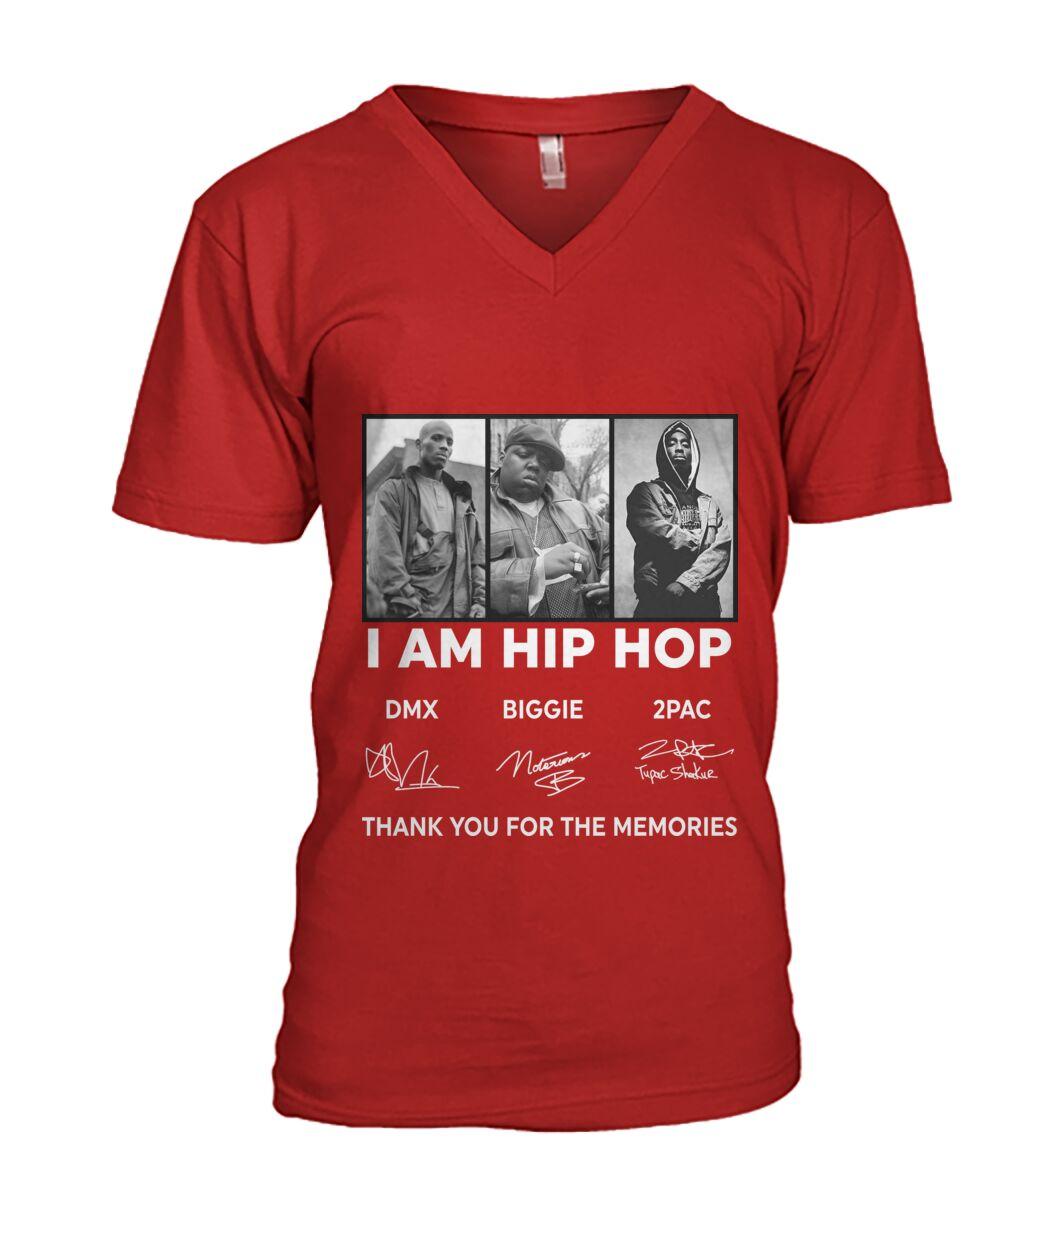 DMX Biggie 2PAC I am hip hop thank you for the memories v-neck